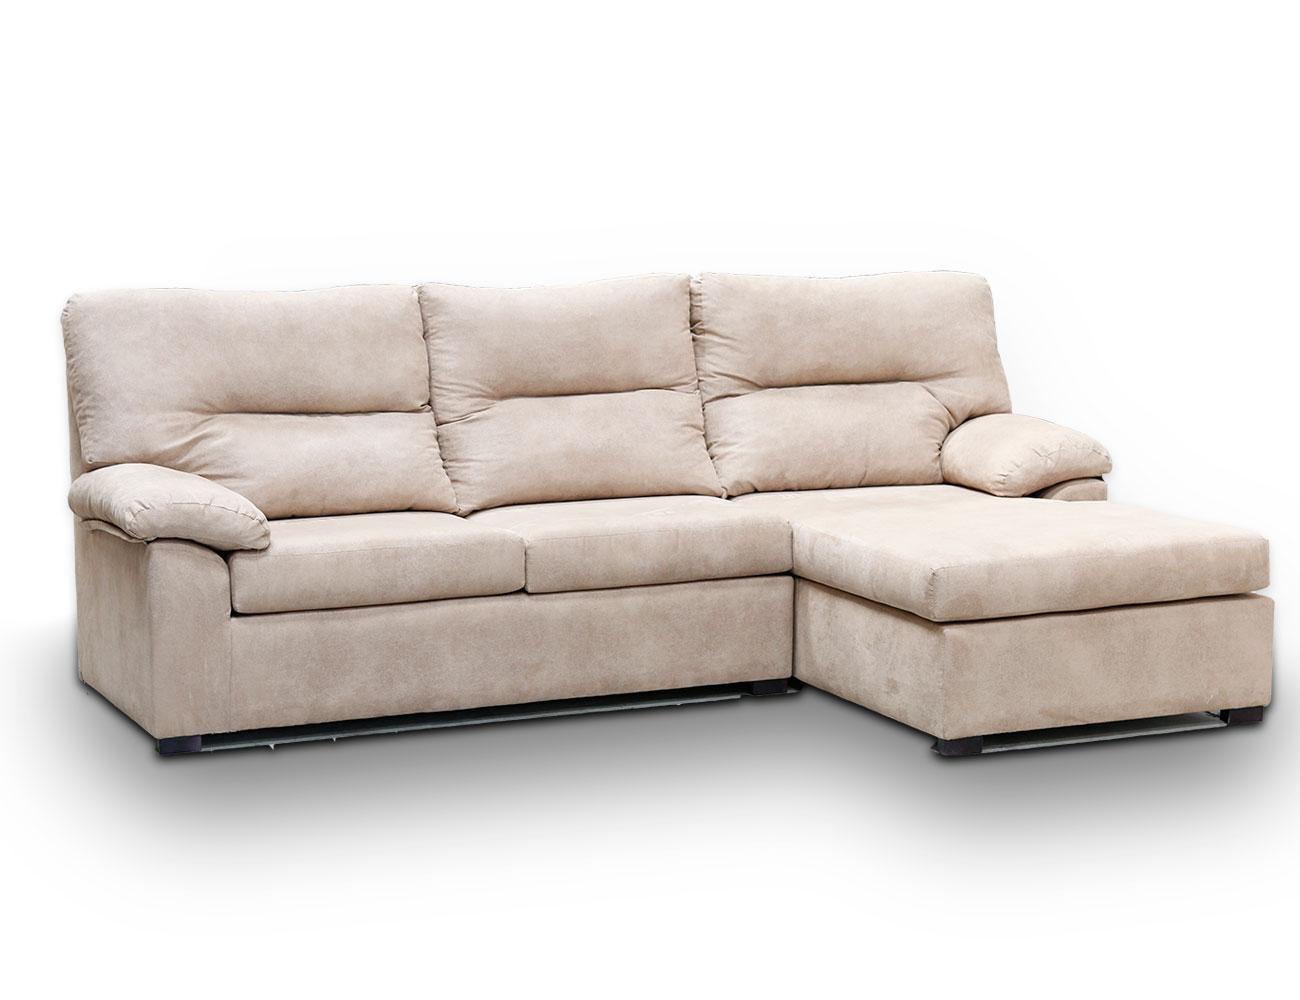 Sofa chaiselongue reversible barato5